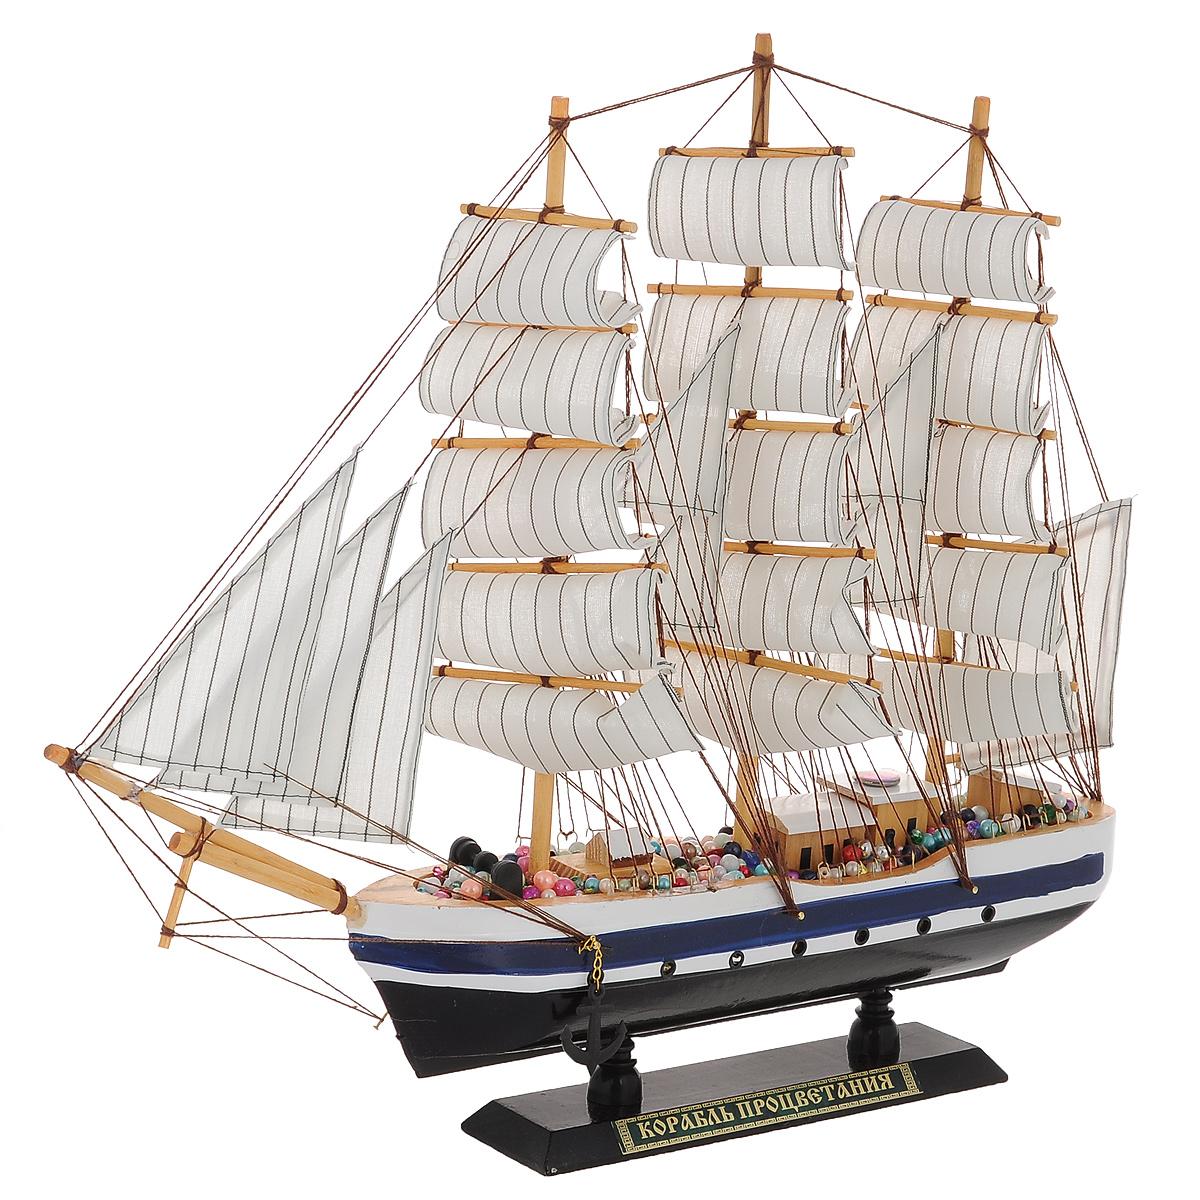 Корабль сувенирный Корабль процветания, длина 50 см35261Сувенирный корабль Корабль процветания, изготовленный из дерева, металла и текстиля, это великолепный элемент декора рабочей зоны в офисе или кабинете. Корабль с парусами и якорями помещен на деревянную подставку. Палуба корабля украшена разноцветными бусинами. Время идет, и мы становимся свидетелями развития технического прогресса, новых учений и практик. Но одно не подвластно времени - это любовь человека к морю и кораблям. Сувенирный корабль наполнен историей и силой океанских вод. Данная модель кораблика станет отличным подарком для всех любителей морей, поклонников историй о покорении океанов и неизведанных земель. Модель корабля - подарок со смыслом. Издавна на Руси считалось, что корабли приносят удачу и везение. Поэтому их изображения, фигурки и точные копии всегда присутствовали в помещениях. Удивите себя и своих близких необычным презентом.Размер корабля (с учетом подставки): 50 см х 11 см х 44 см.